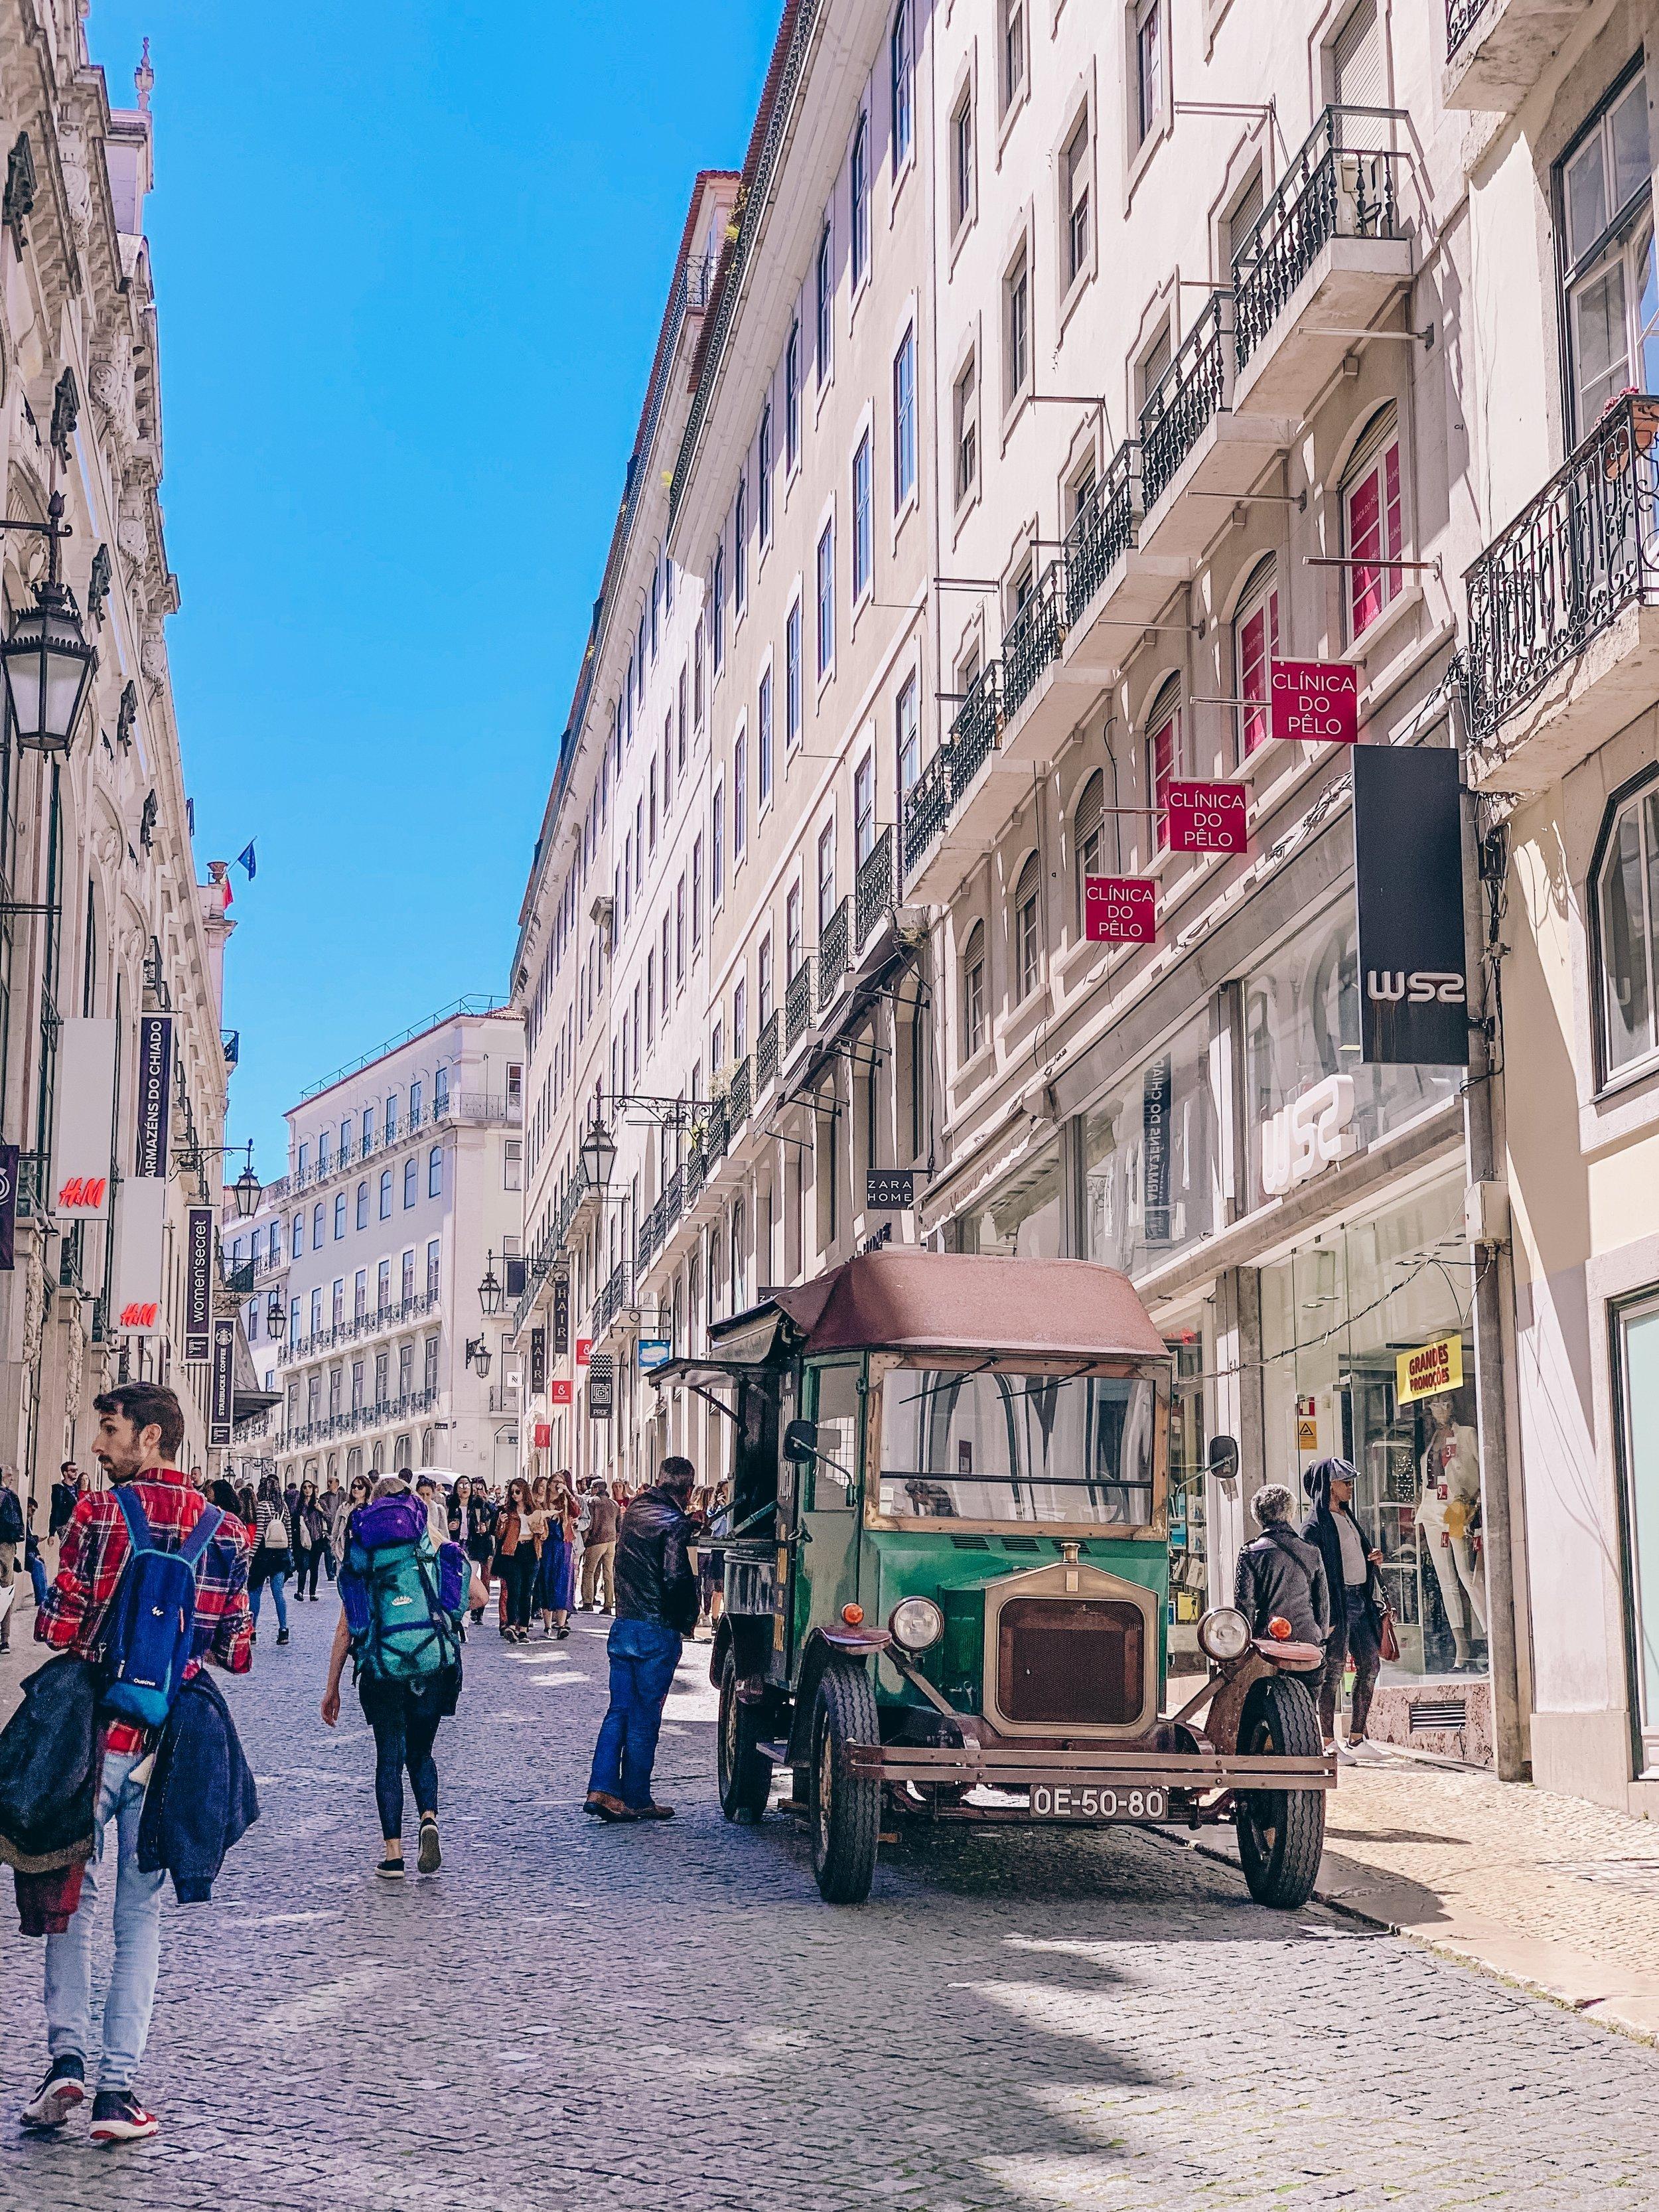 Baixa neighborhood, Lisbon